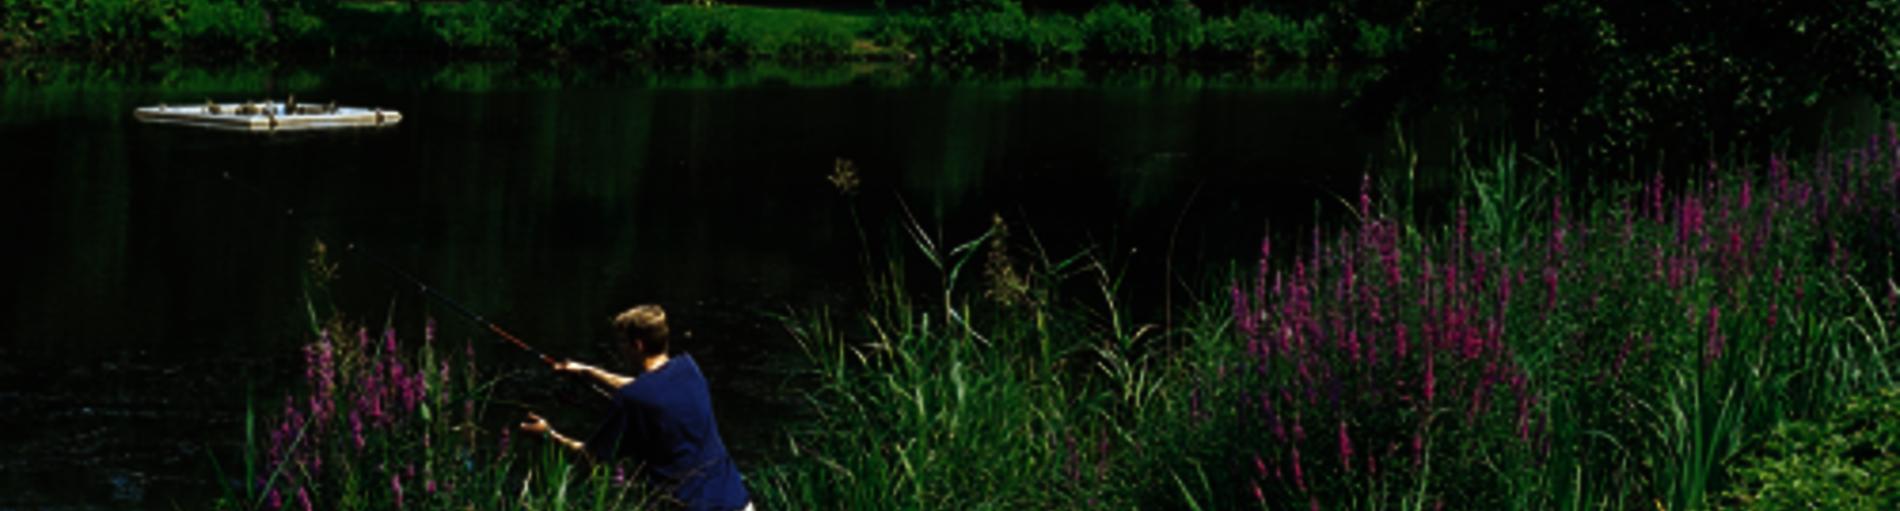 In der Grünanlage Vahr ein Mann mit Angel am See